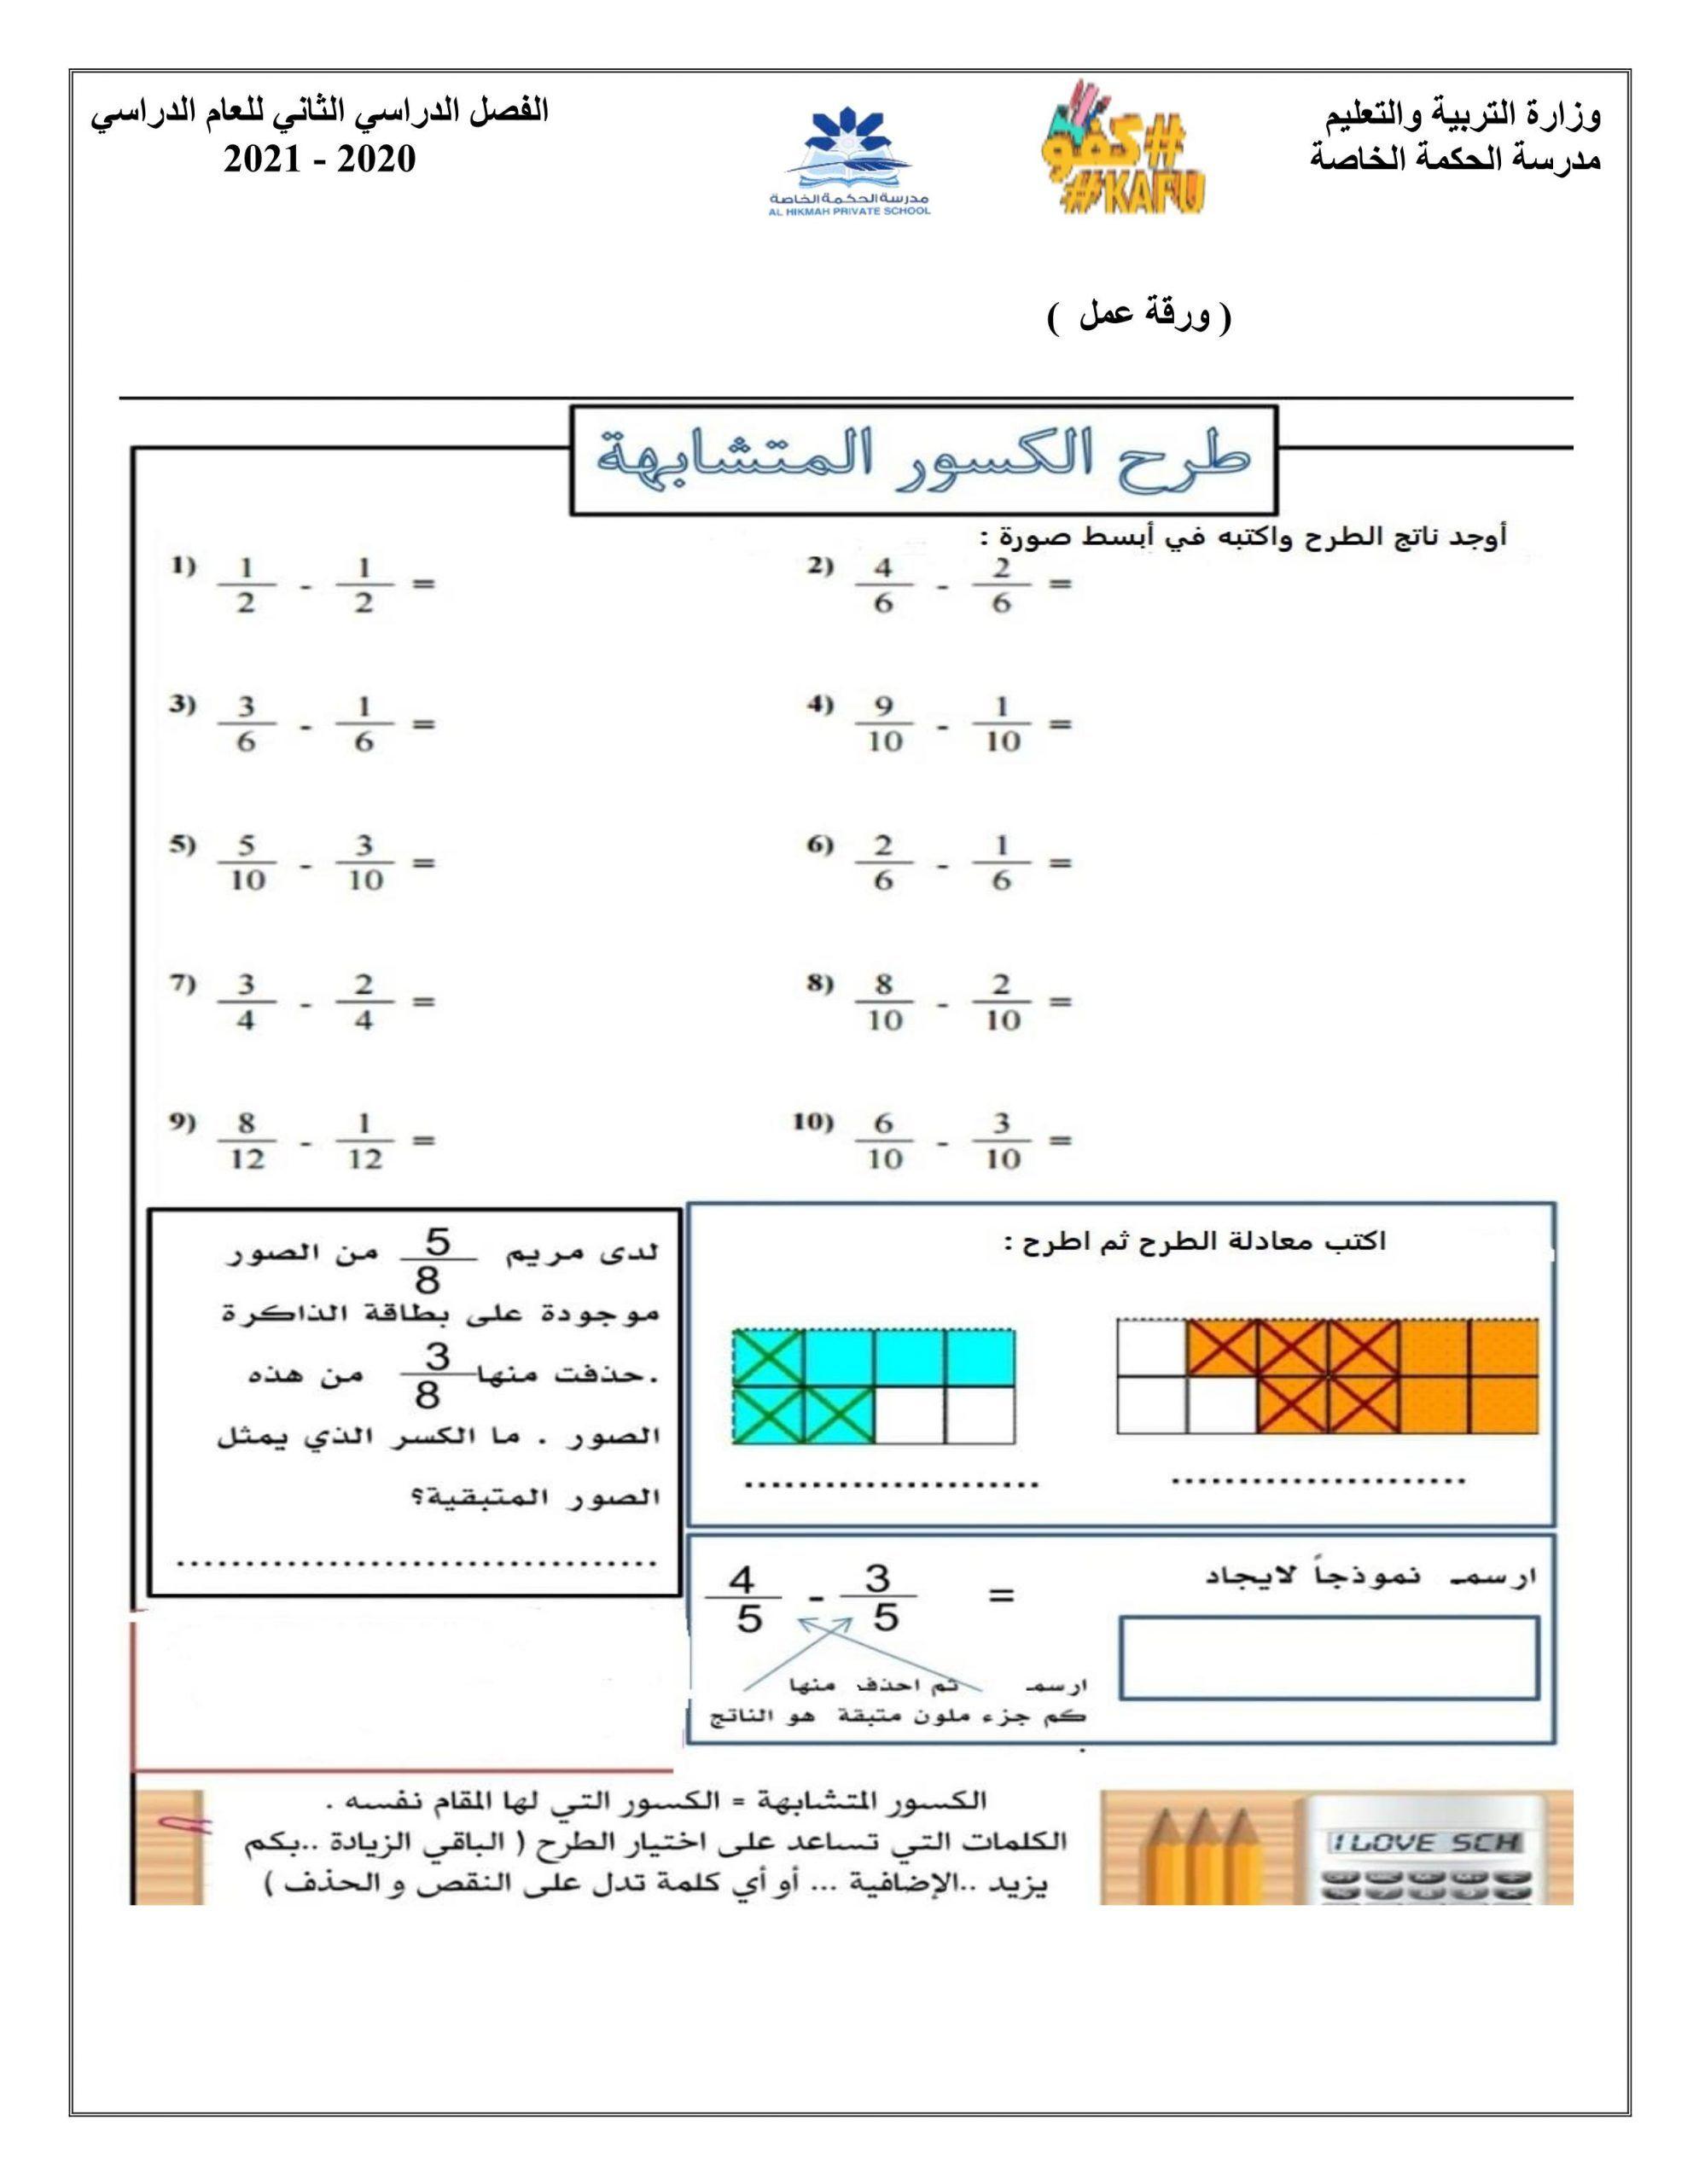 ورقة عمل طرح الكسور المتشابهة الصف الرابع مادة الرياضيات المتكاملة In 2021 Periodic Table 10 Things